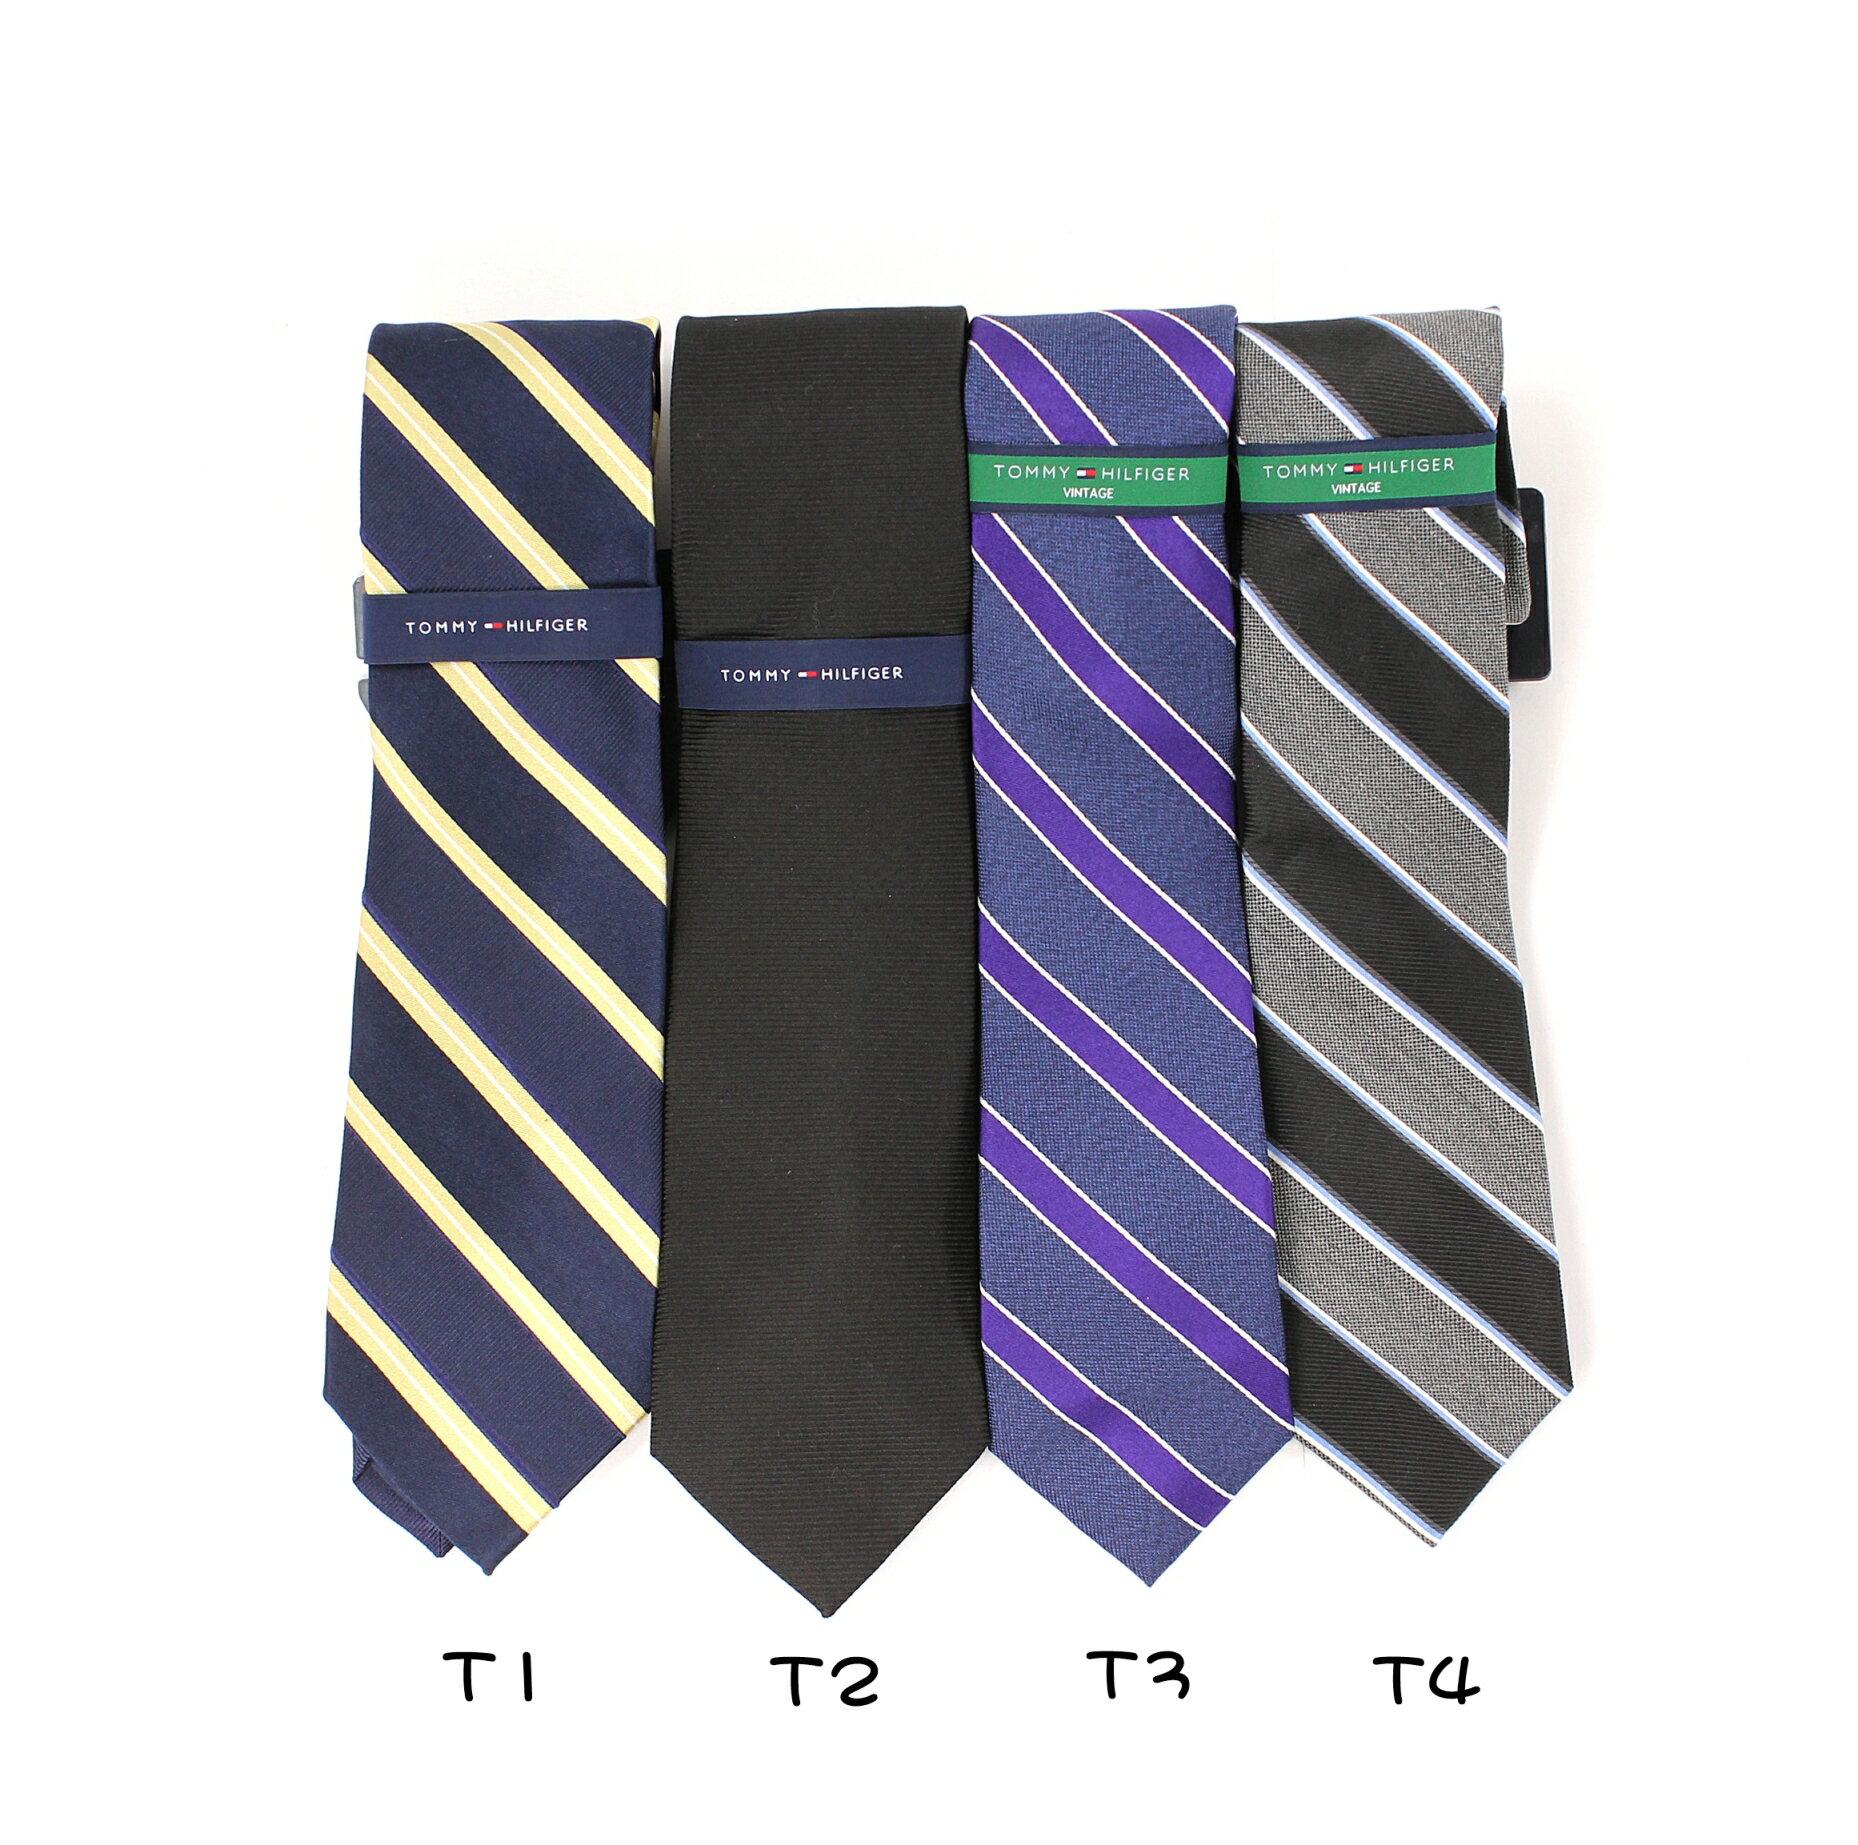 美國百分百【全新真品 】Tommy Hilfiger 領帶 TH 配件 領結 藍 紫 黑 灰 條紋 線條 上班 絲綢 男